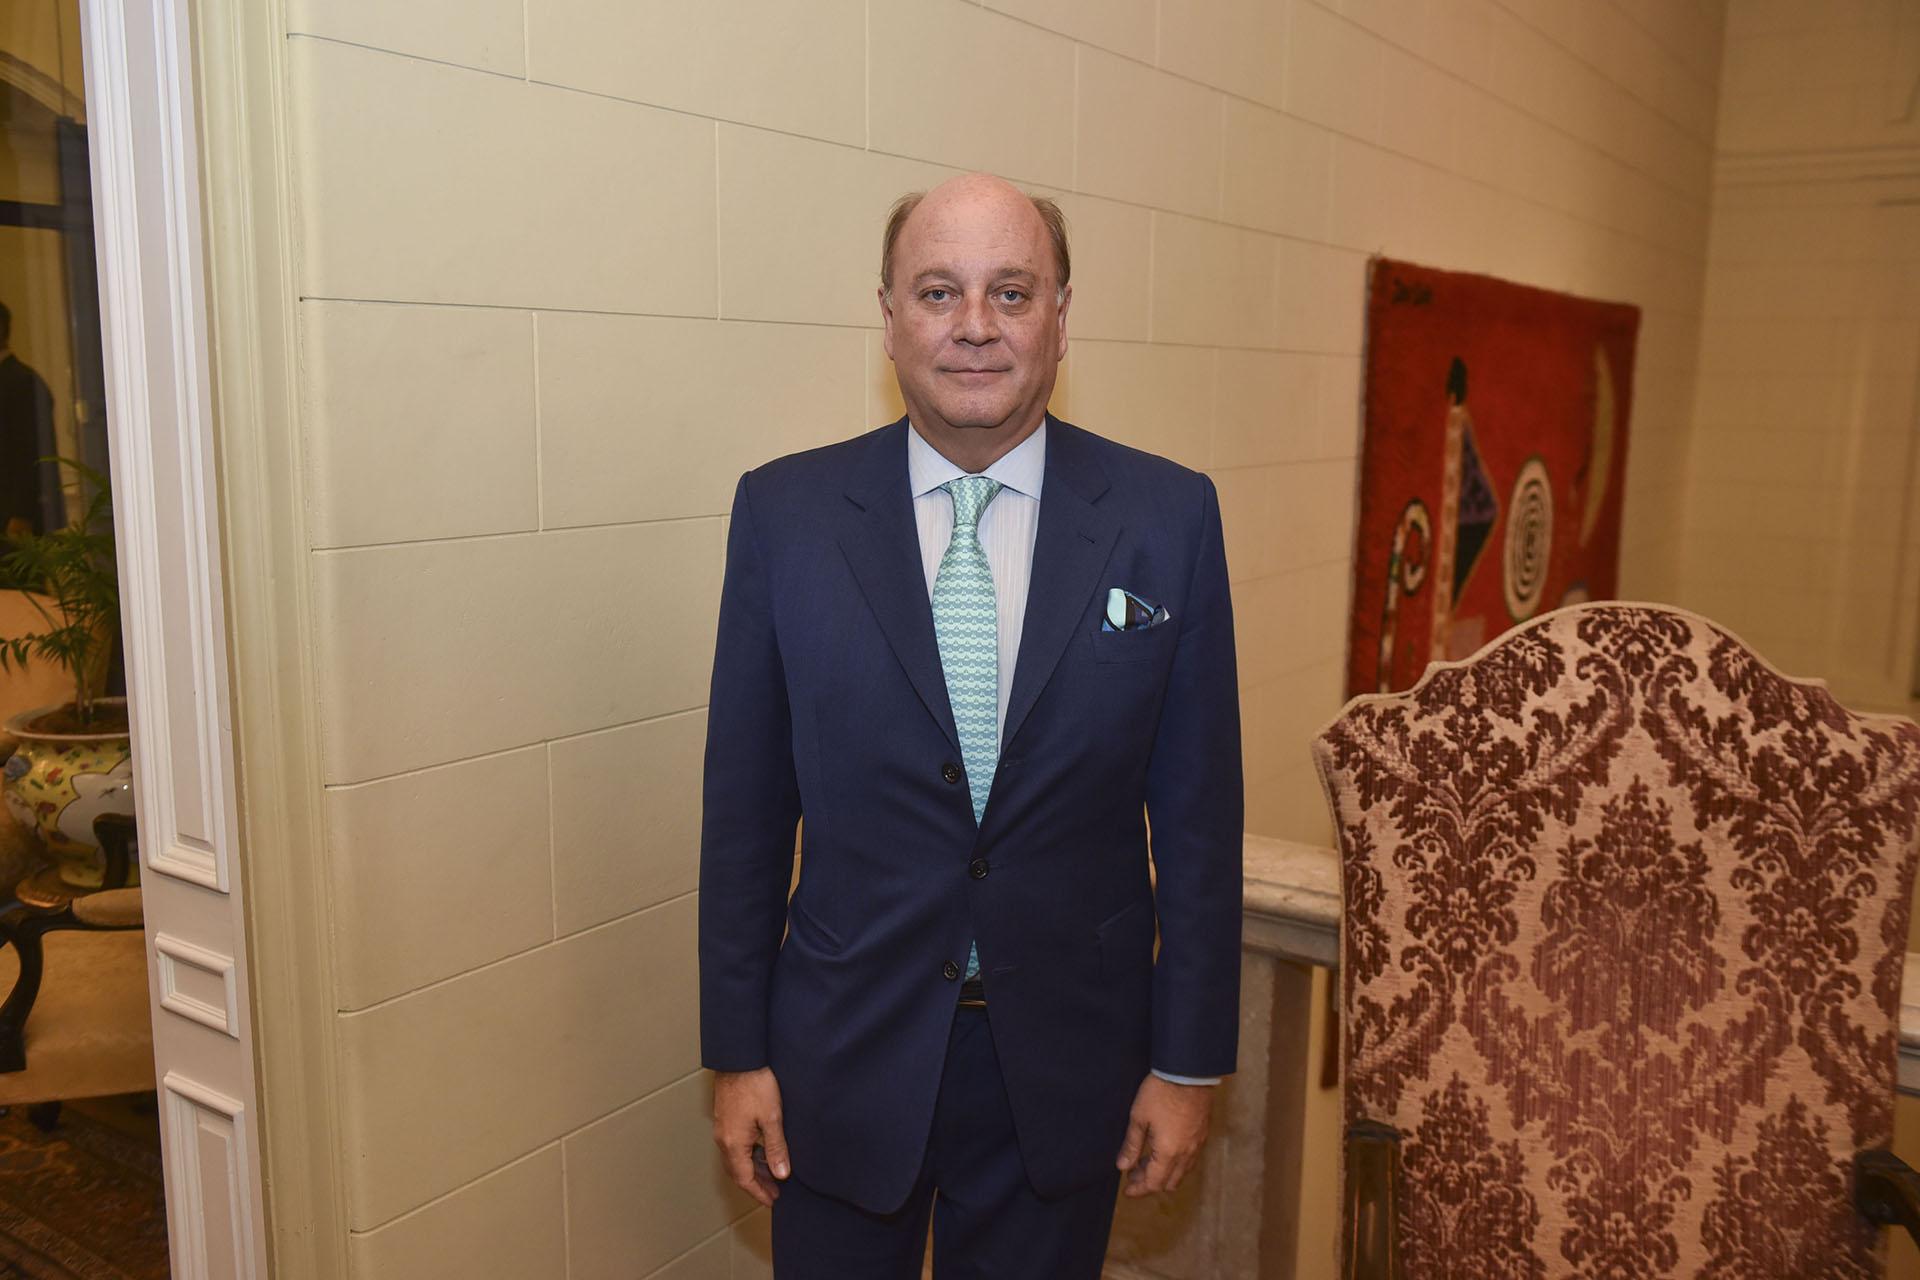 El empresario Martín Cabrales, distinguido con el Diploma al Mérito en Empresarios PyME